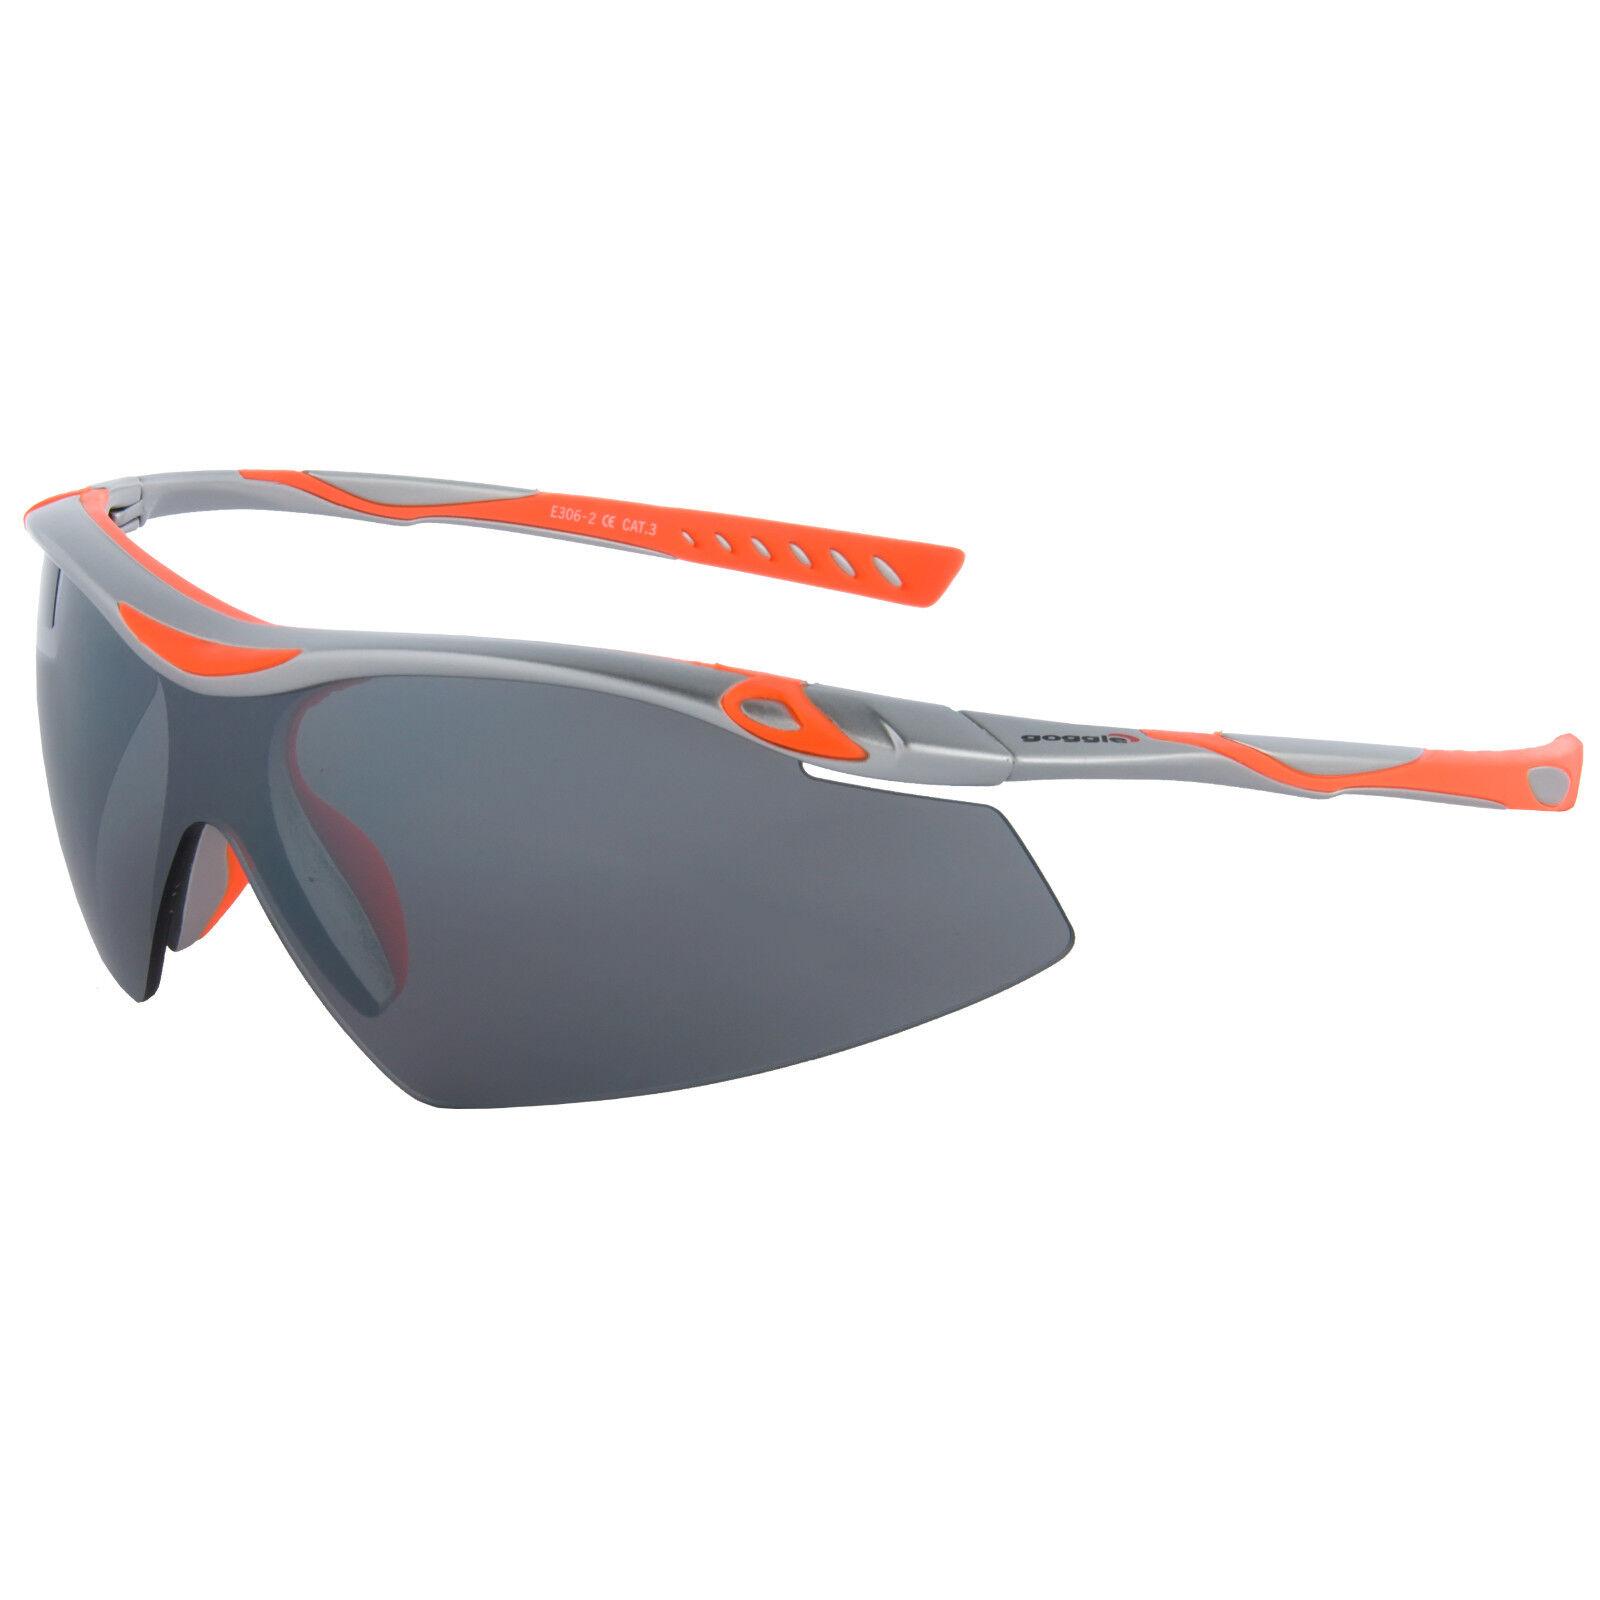 Radbrille Fahrrad Sportbrille + Wechselgläser